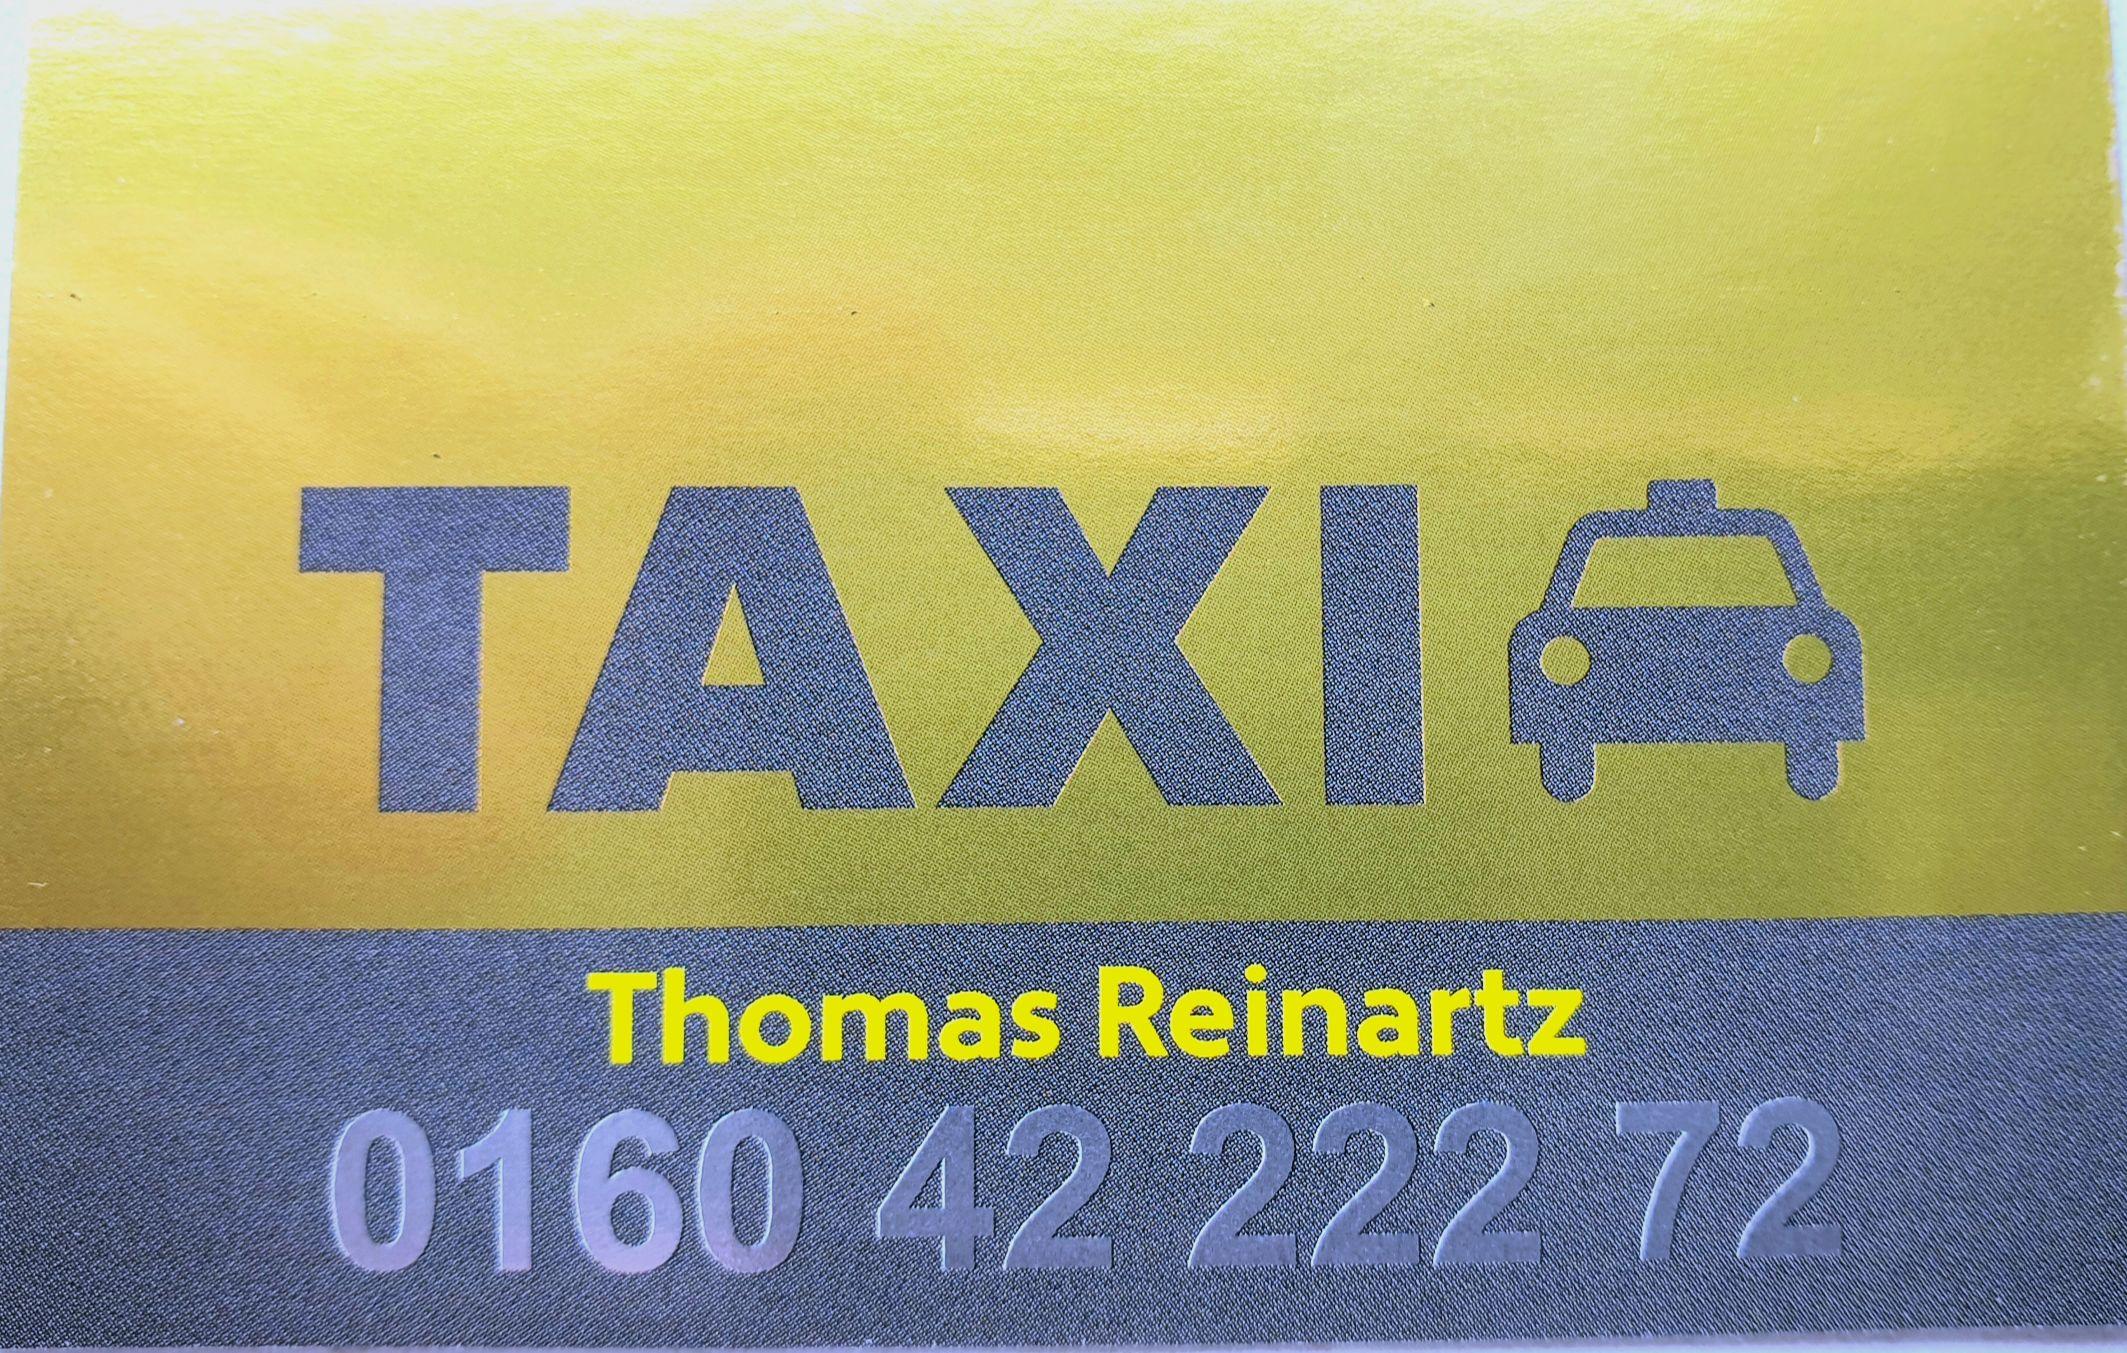 Thomas Reinartz Taxibetrieb